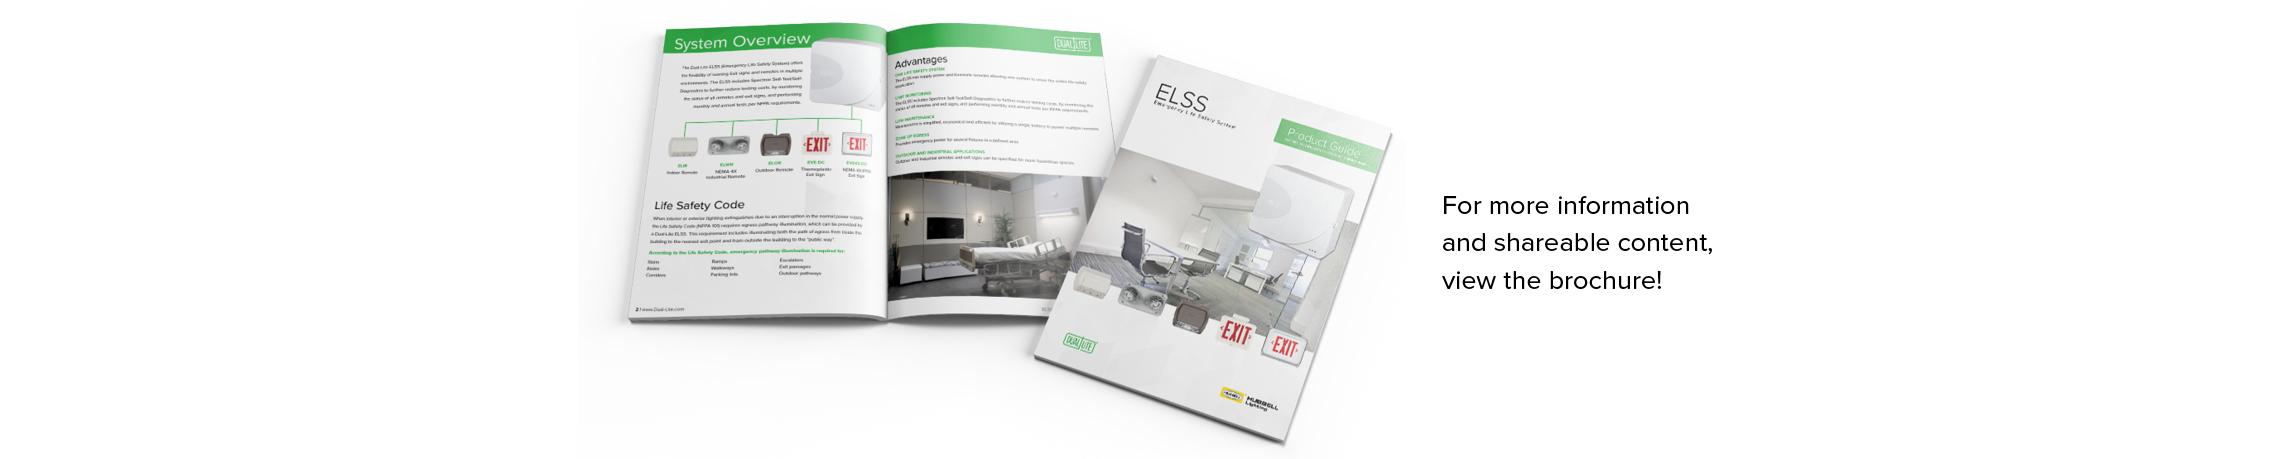 ELSS Brochure